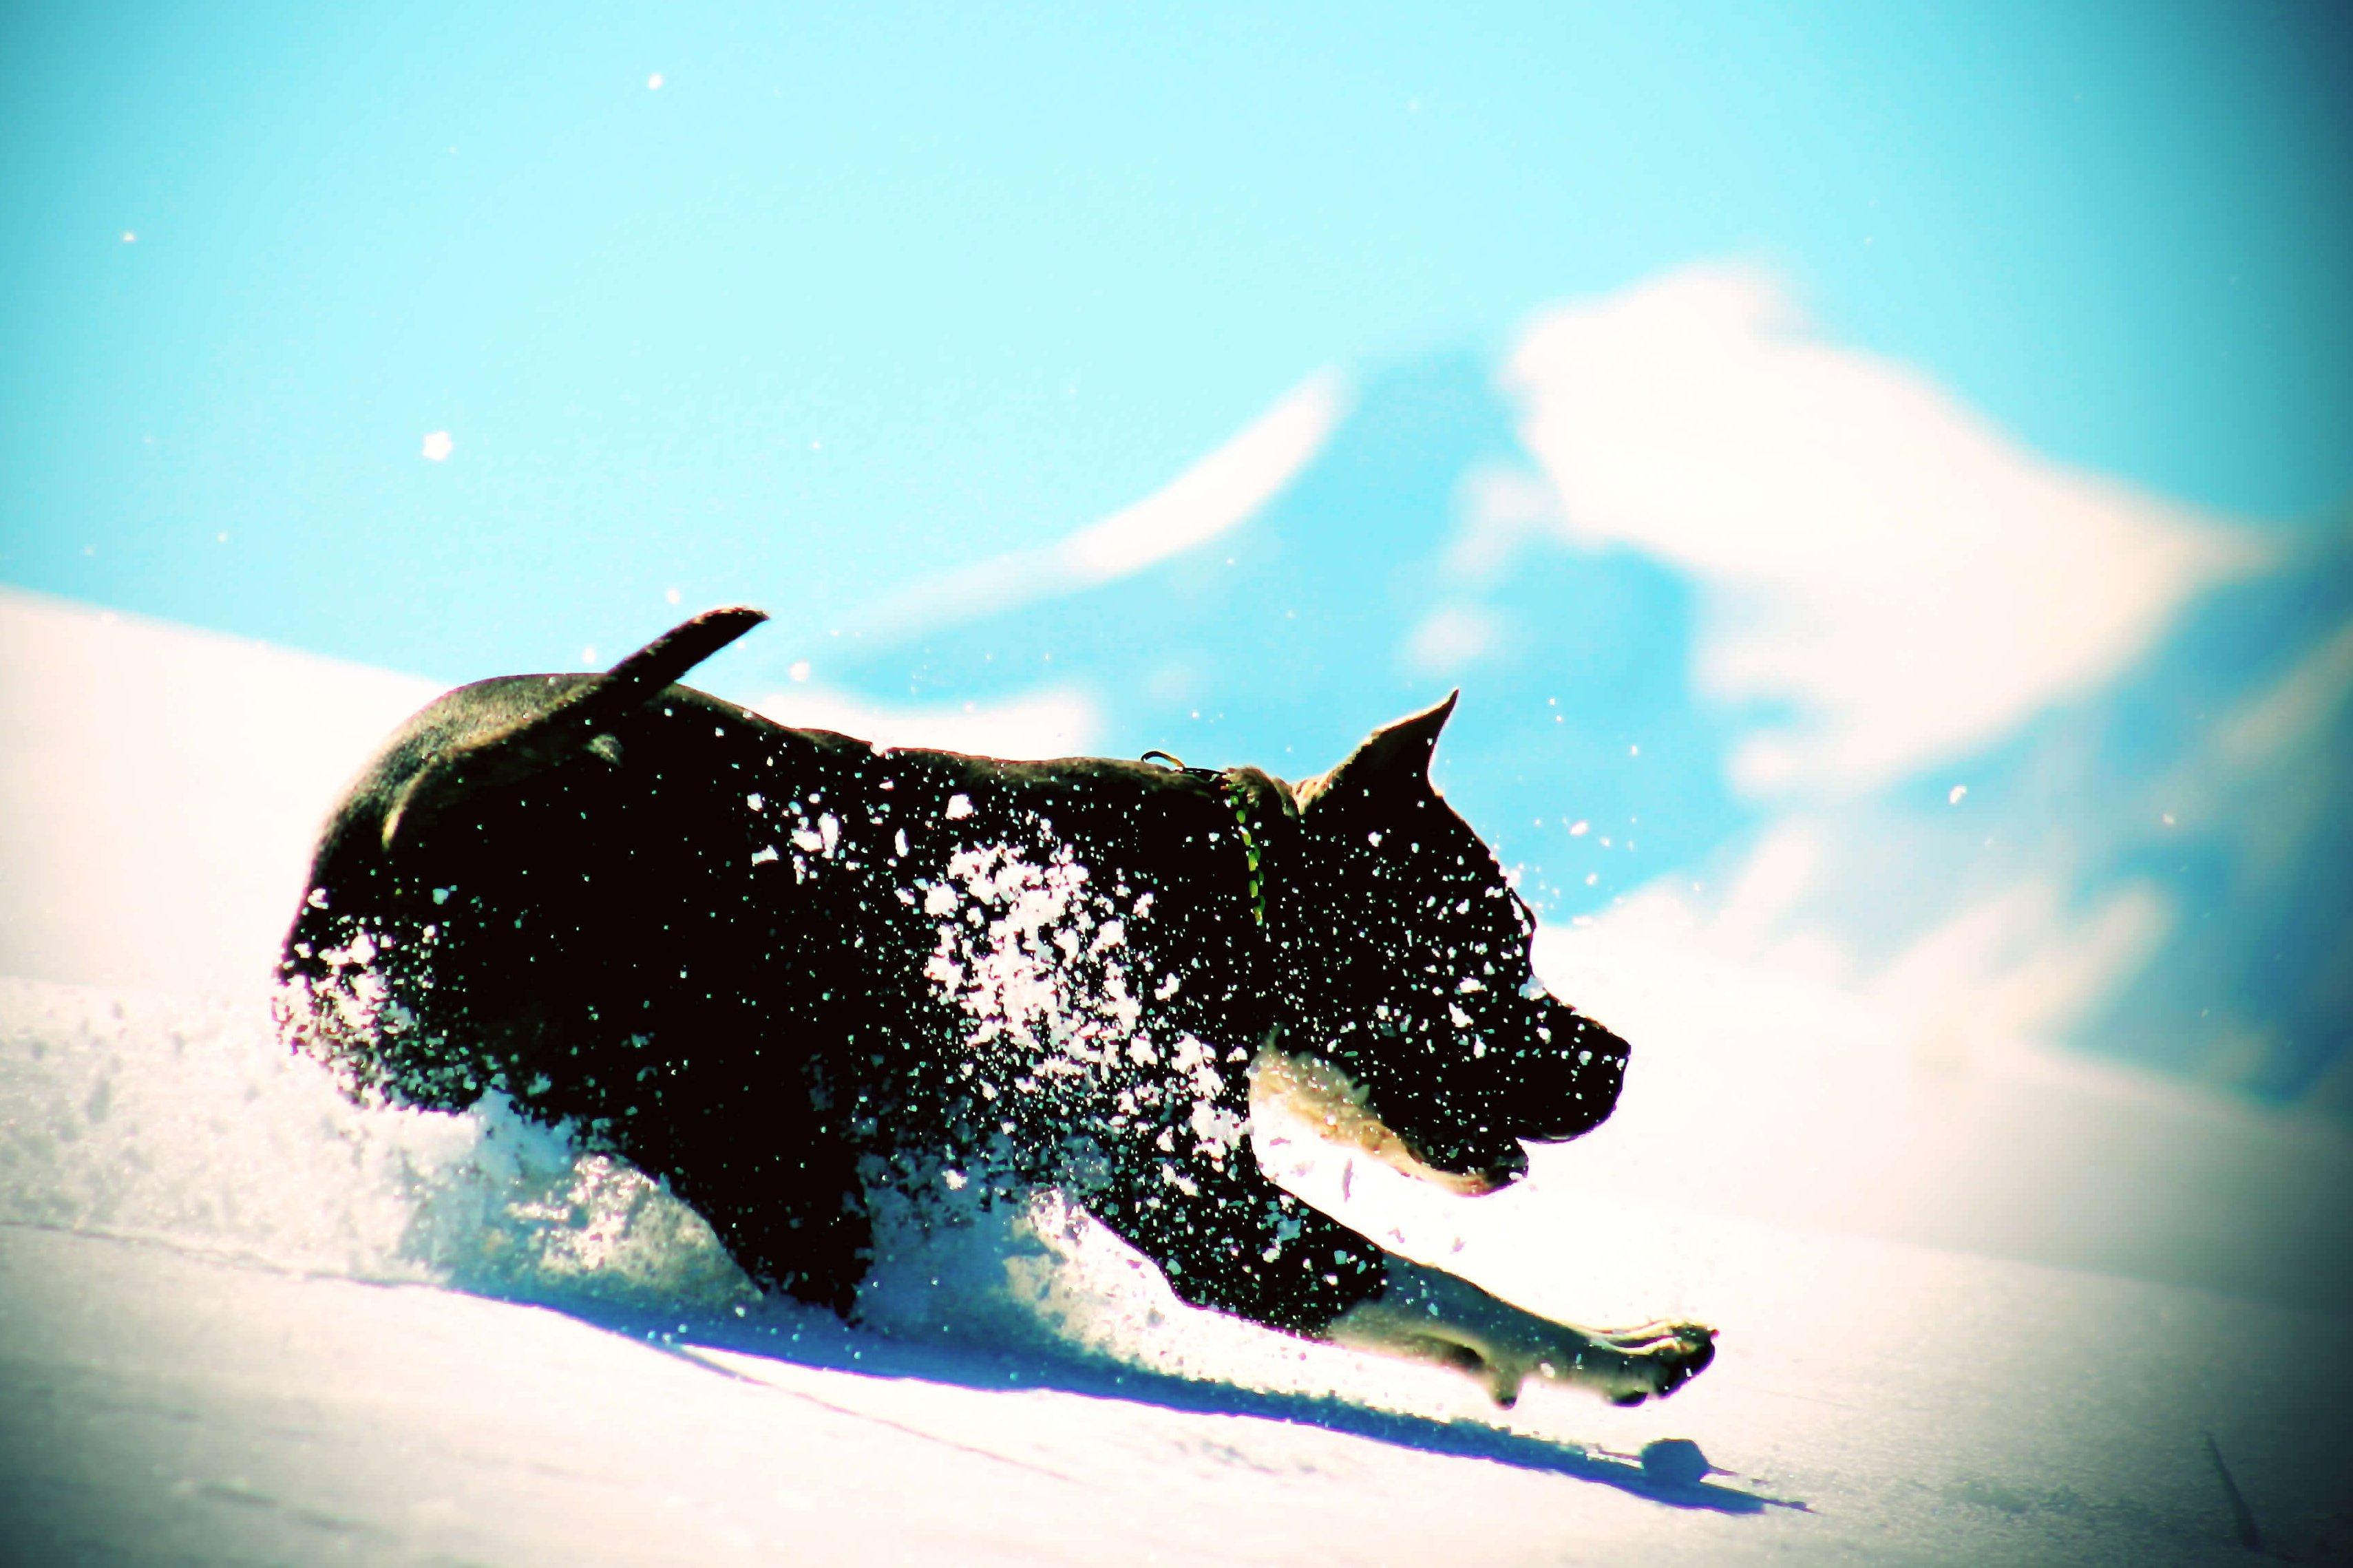 Amerikai staffordshire terrier Labdázik a hóban